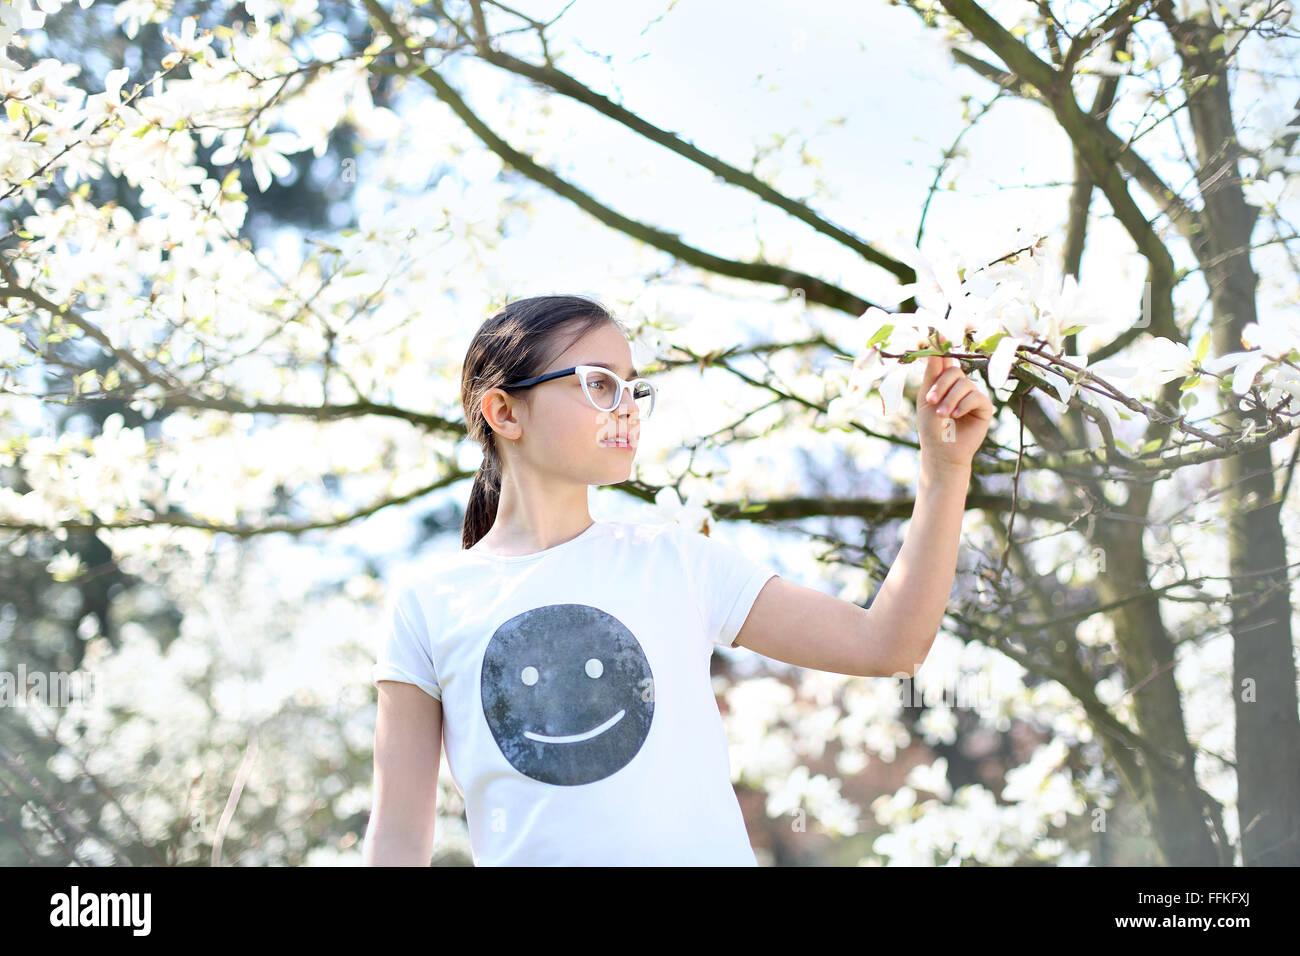 Es ist Sommer, es macht Spaß:). Sonnigen Sommertag, Entspannung in der Natur. Eigenes T-shirt bedrucken Stockbild